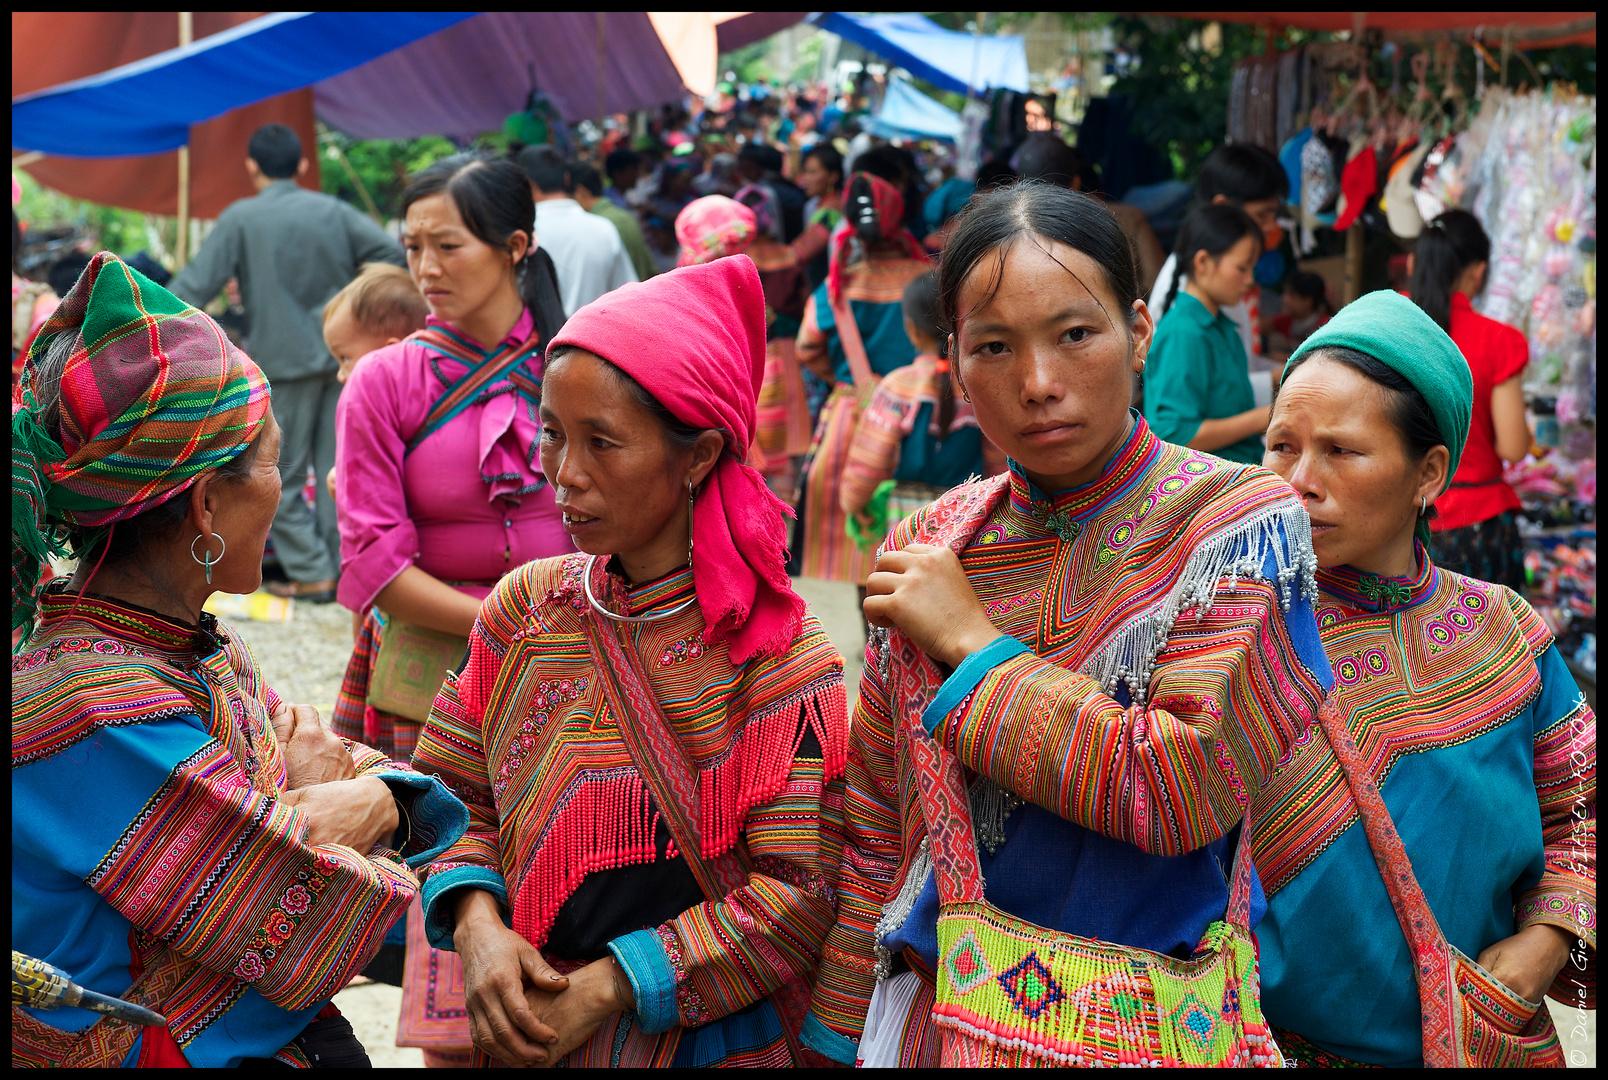 Mang Beerdigung im Norden von Vietnam